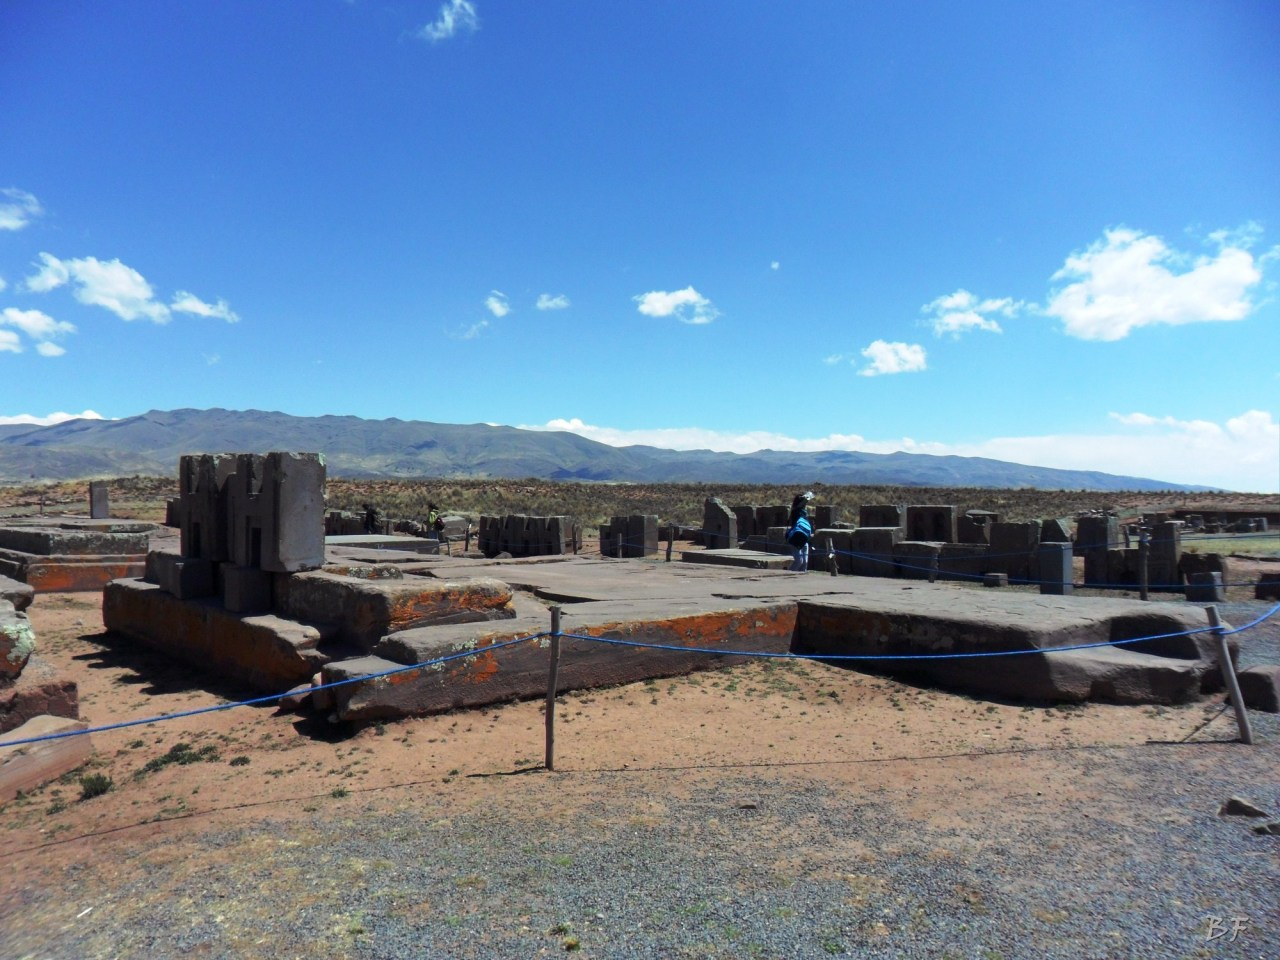 Puma-Punku-Area-Megalitica-Mura-Poligonali-Megaliti-Tiwanaku-Tiahuanaco-Bolivia-66